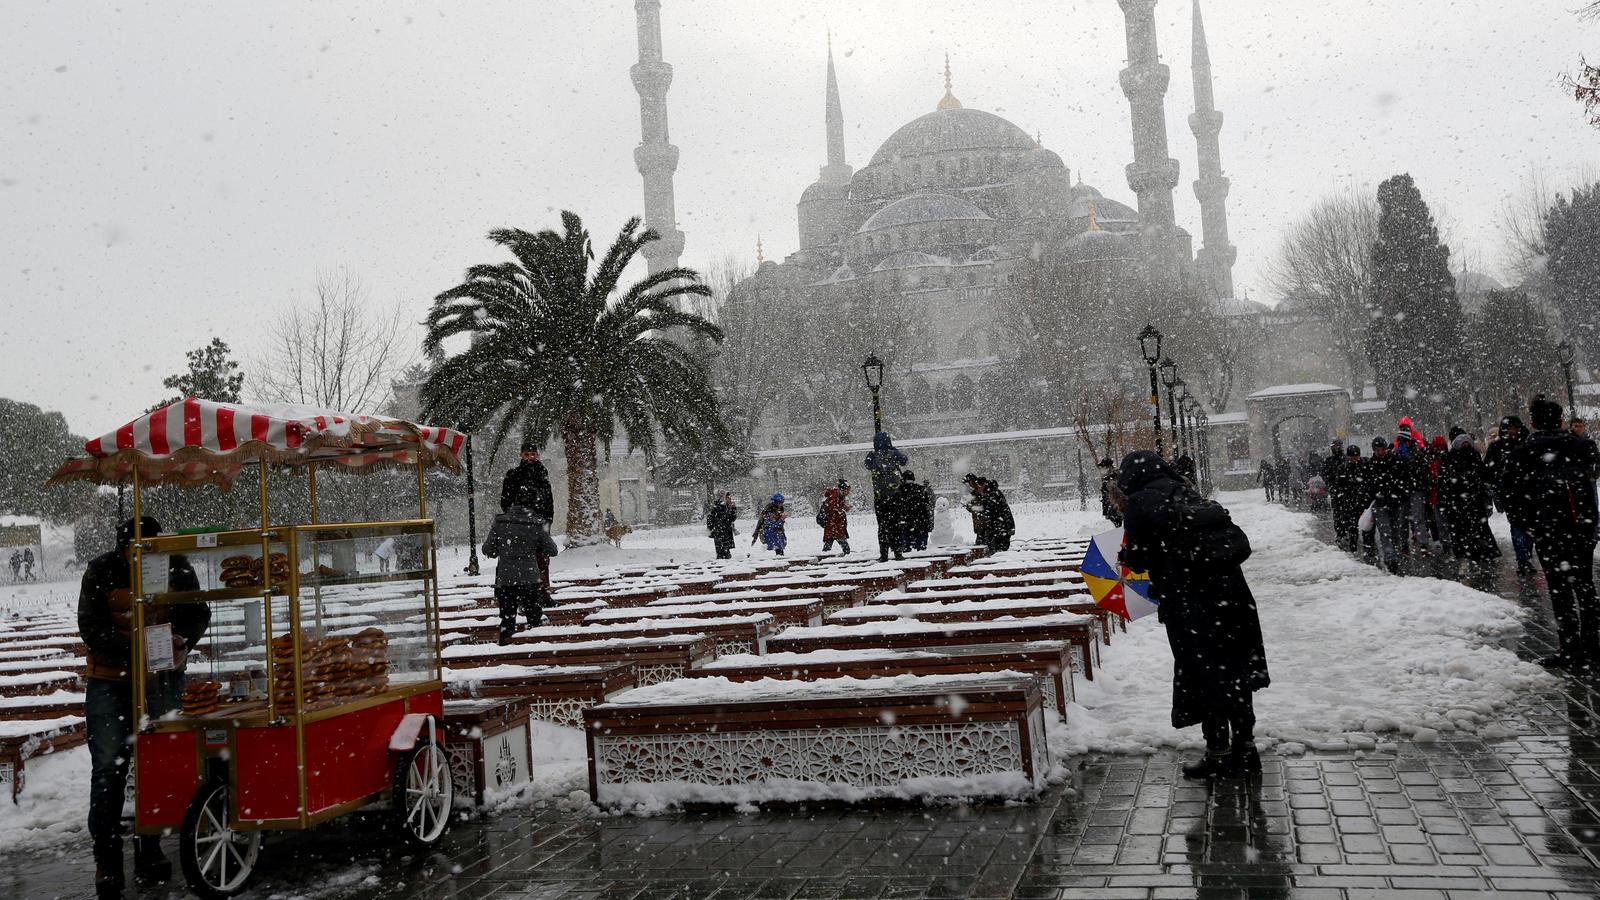 ISTANBUL DEZEMBER 2019 WETTER